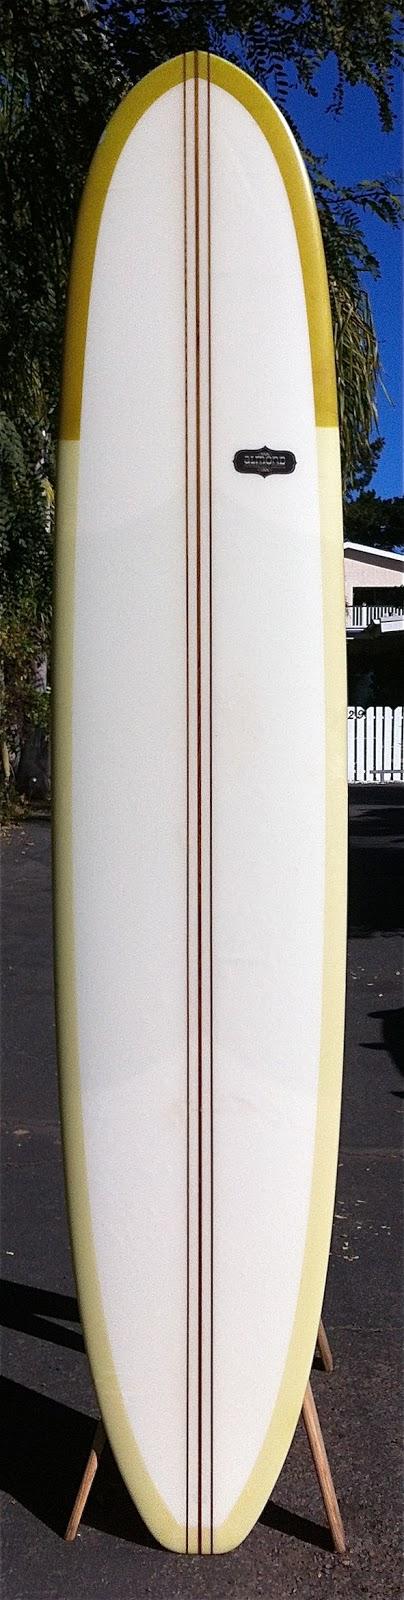 """: Board Collector: Board test: Almond """"Sano Special"""" Almond Board"""